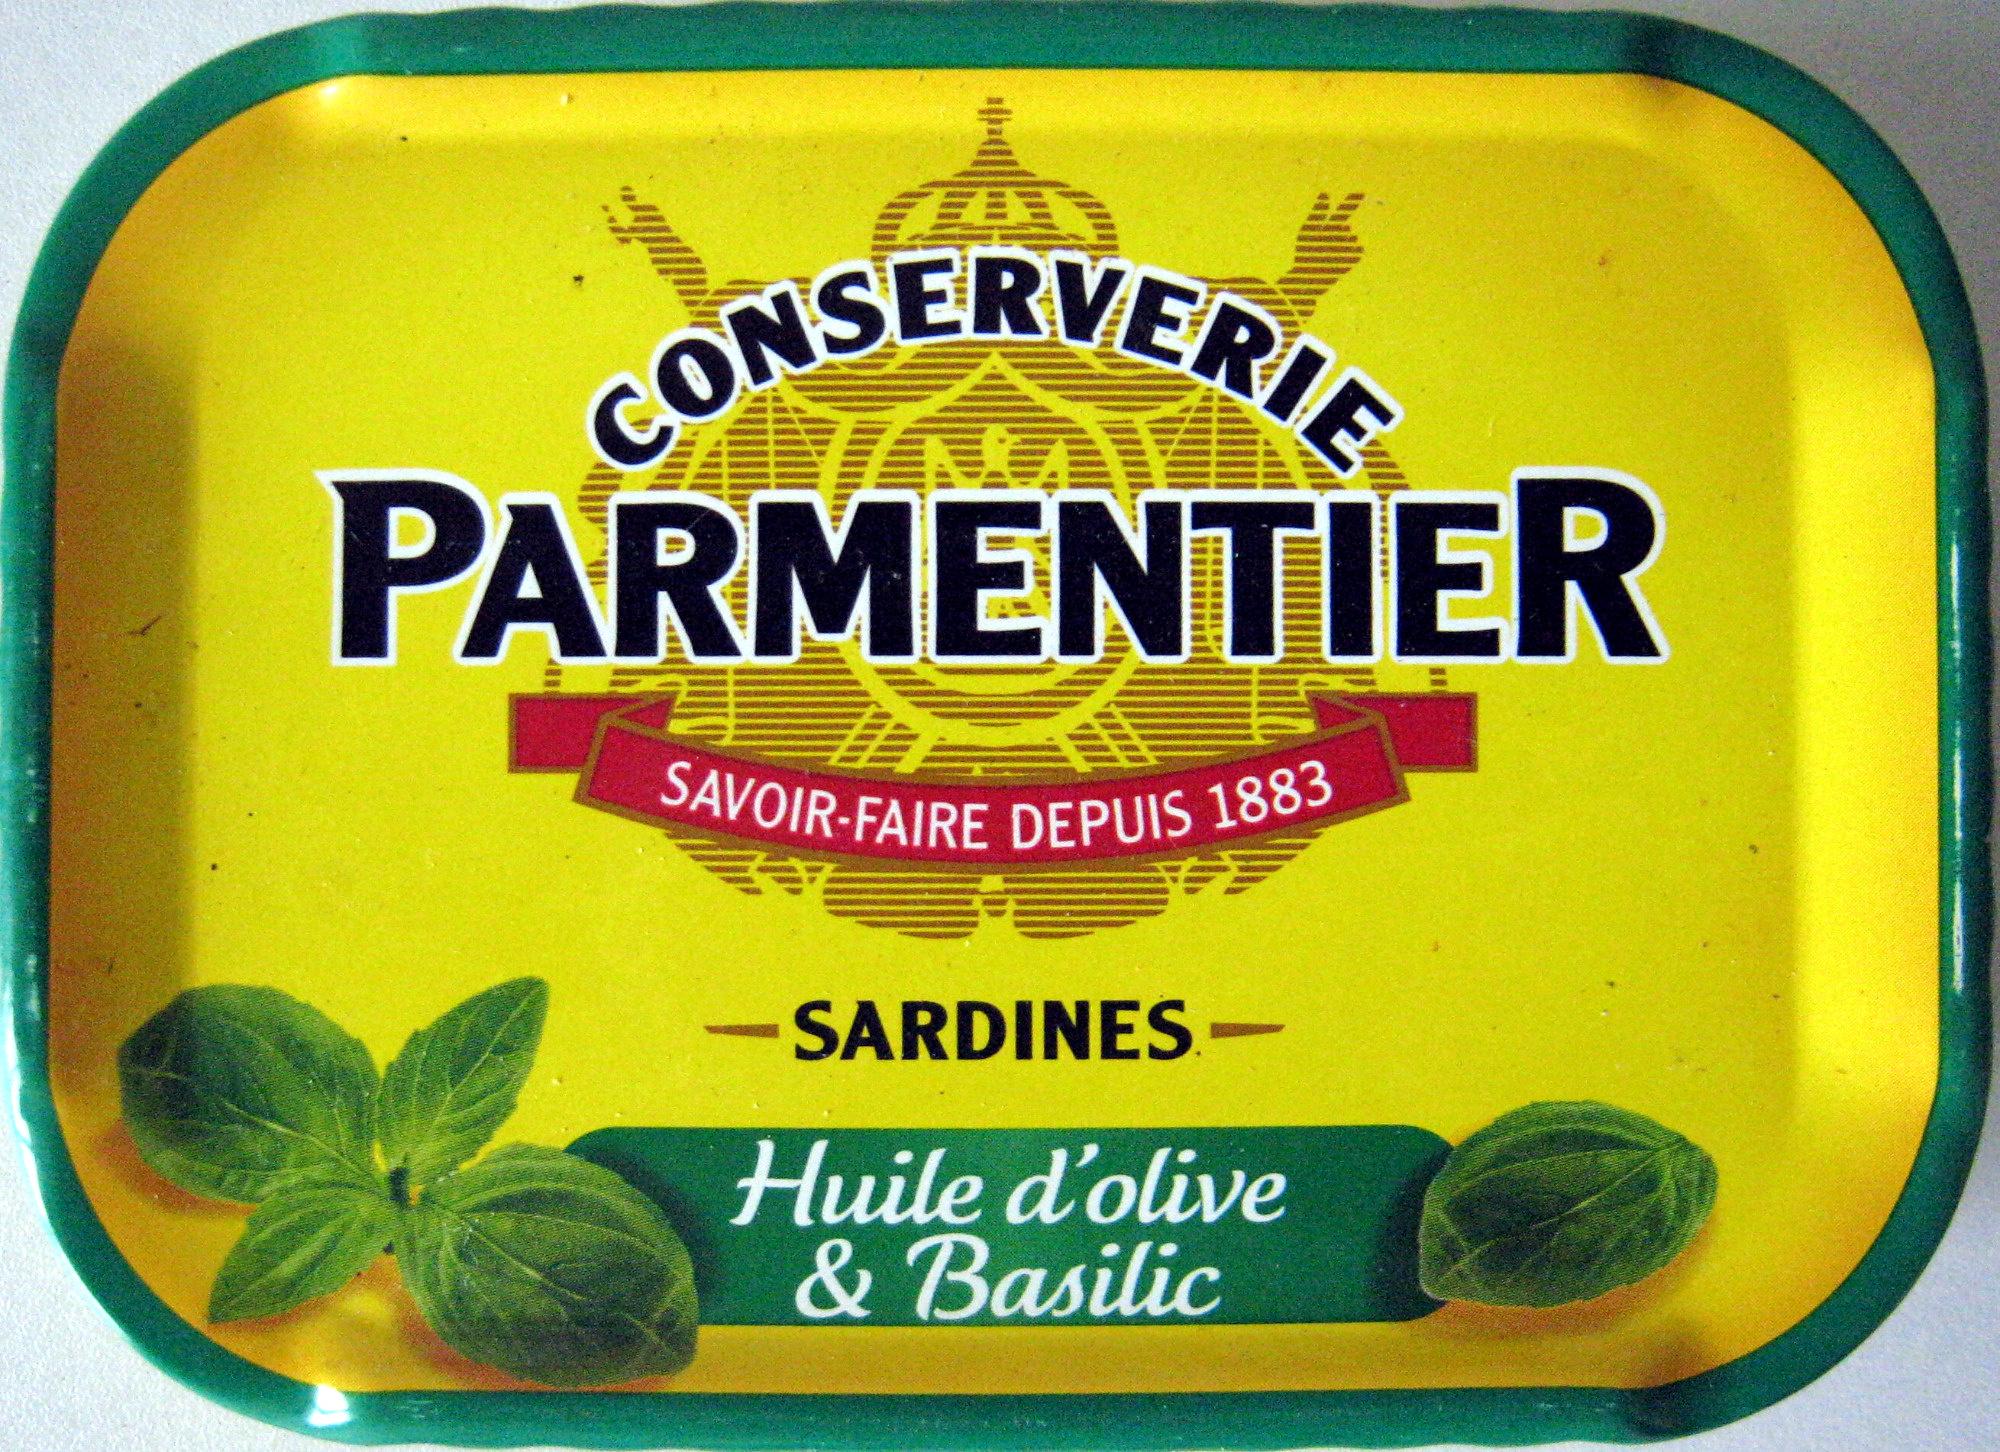 Sardines (Huile d'olive & Basilic) - Product - fr